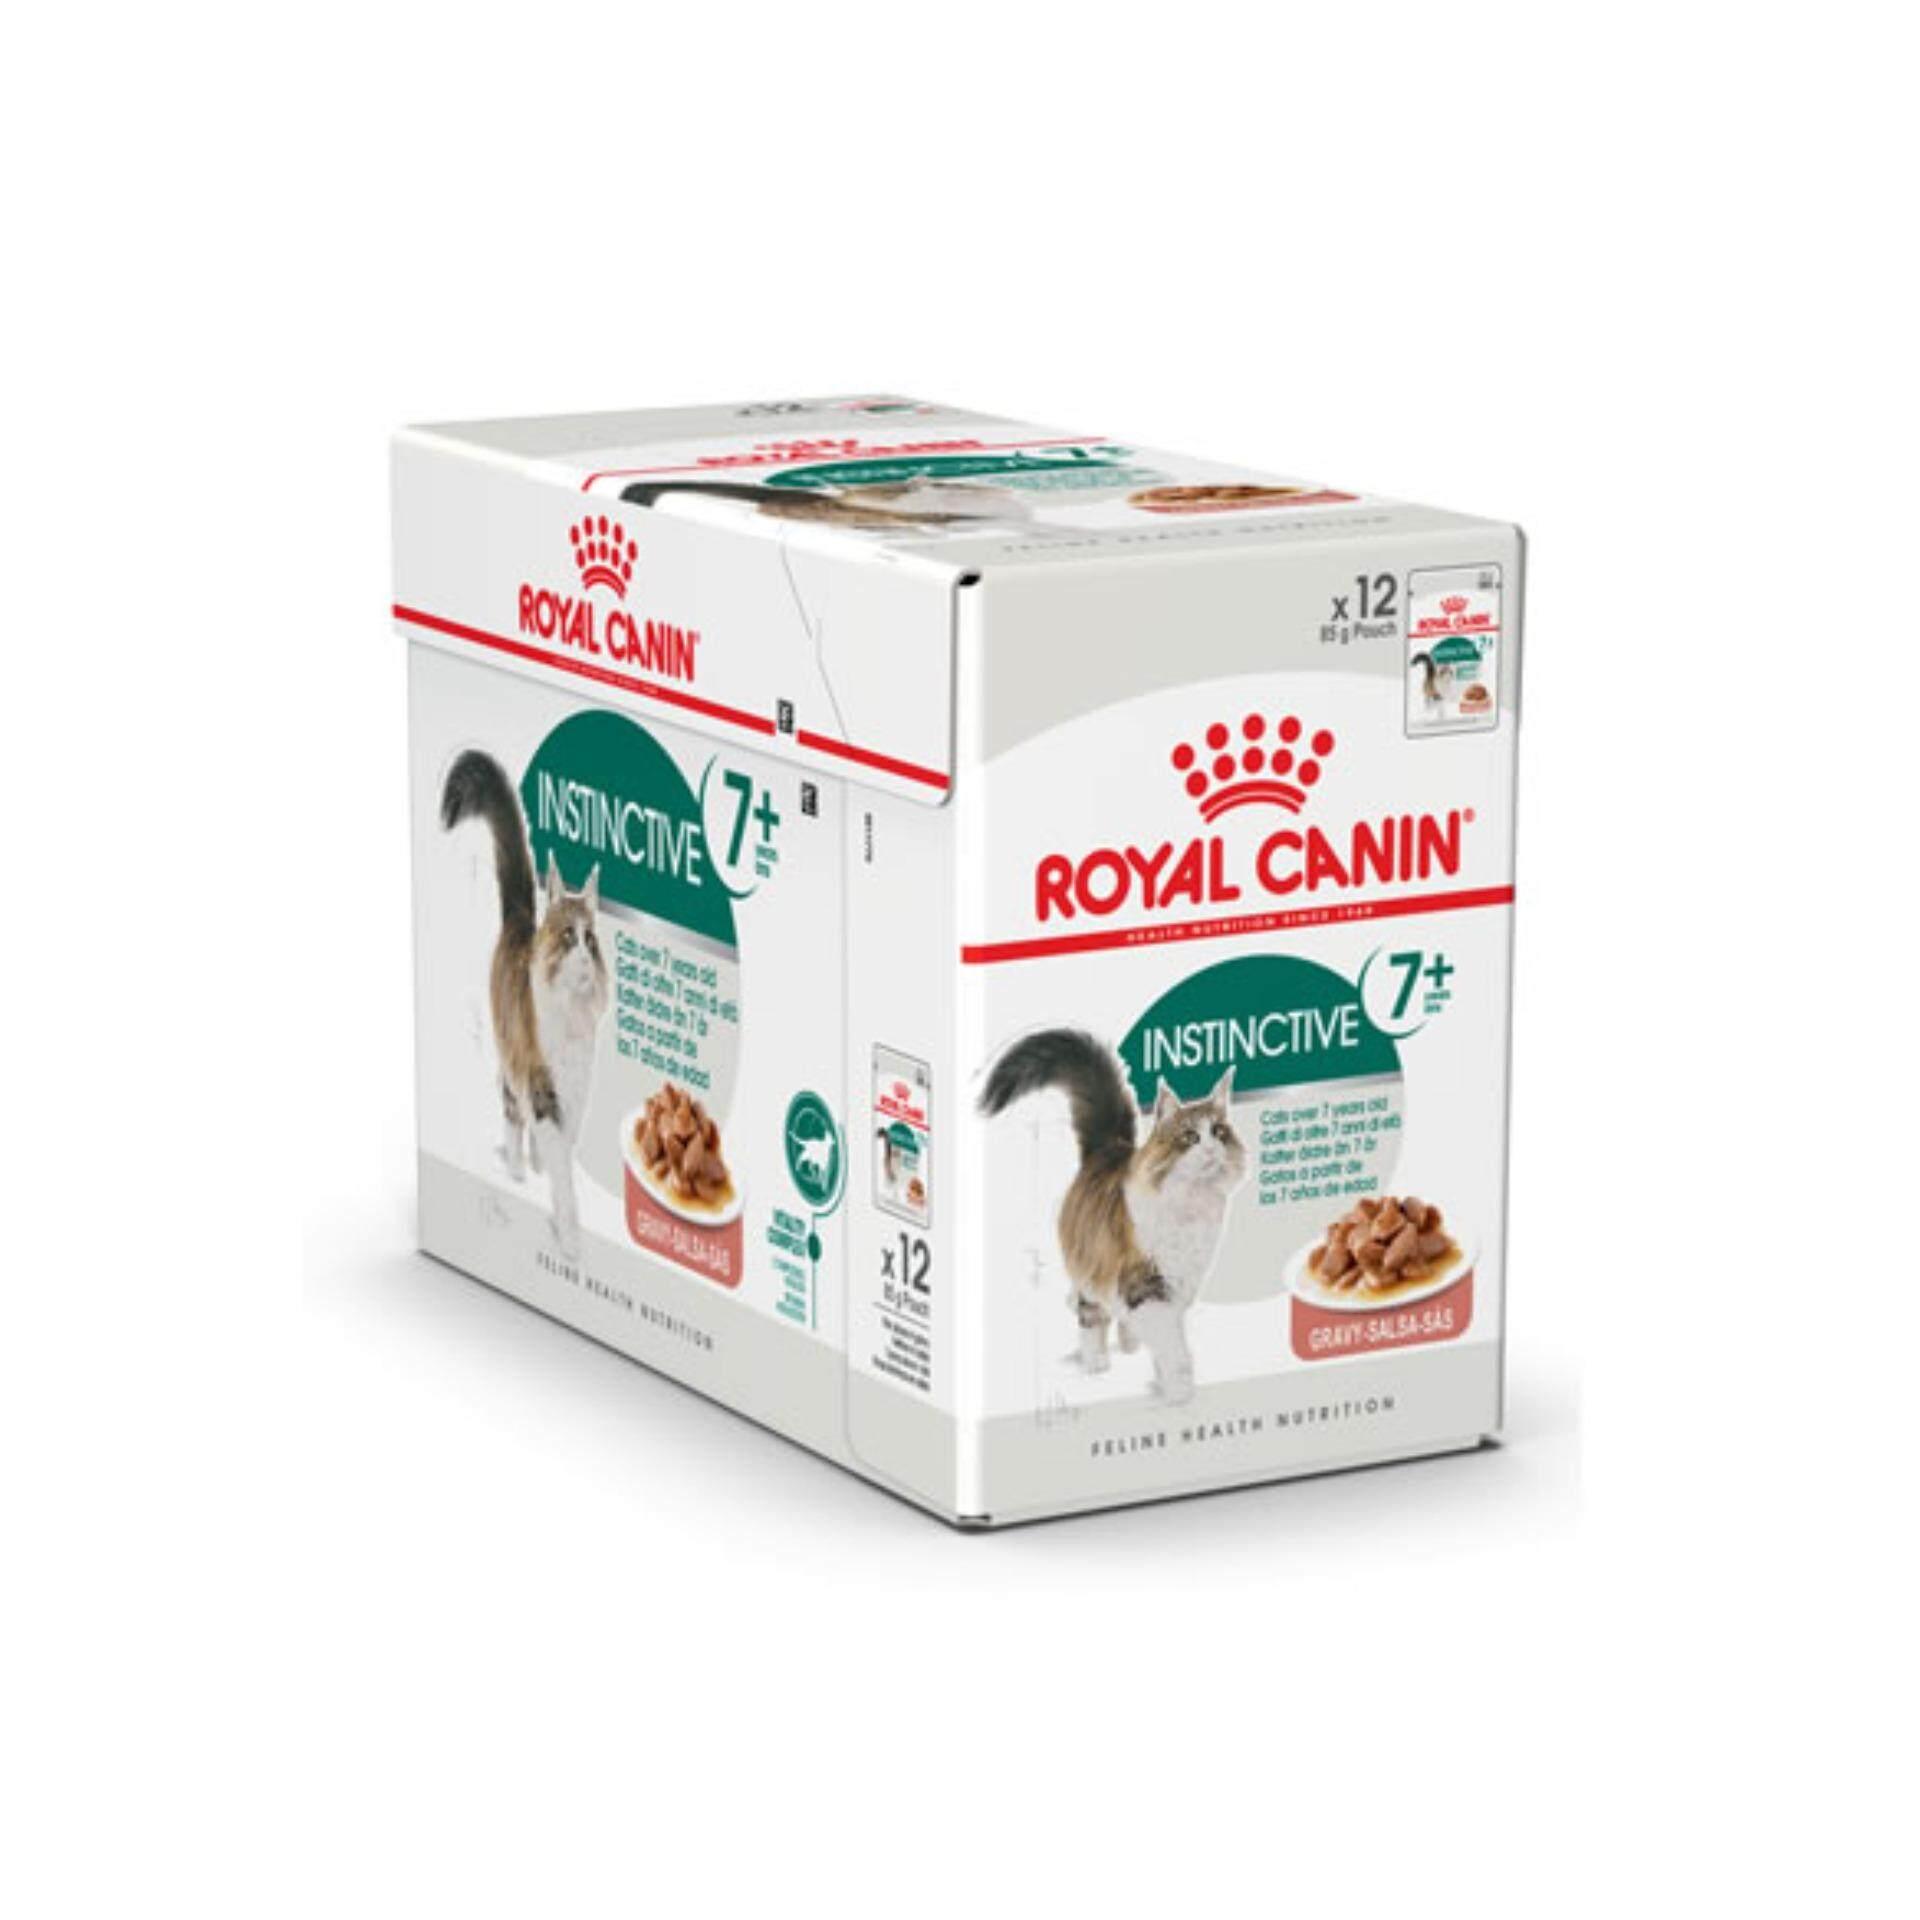 ราคา Royal Canin Instinctive 7 In Gravy 85 G X 24 Pouches โรยัลคานิน อาหารเปียกสำหรับแมวสูงอายุ 7 ปีขึ้นไป เกรวี่ 24 ซอง Royal Canin ออนไลน์